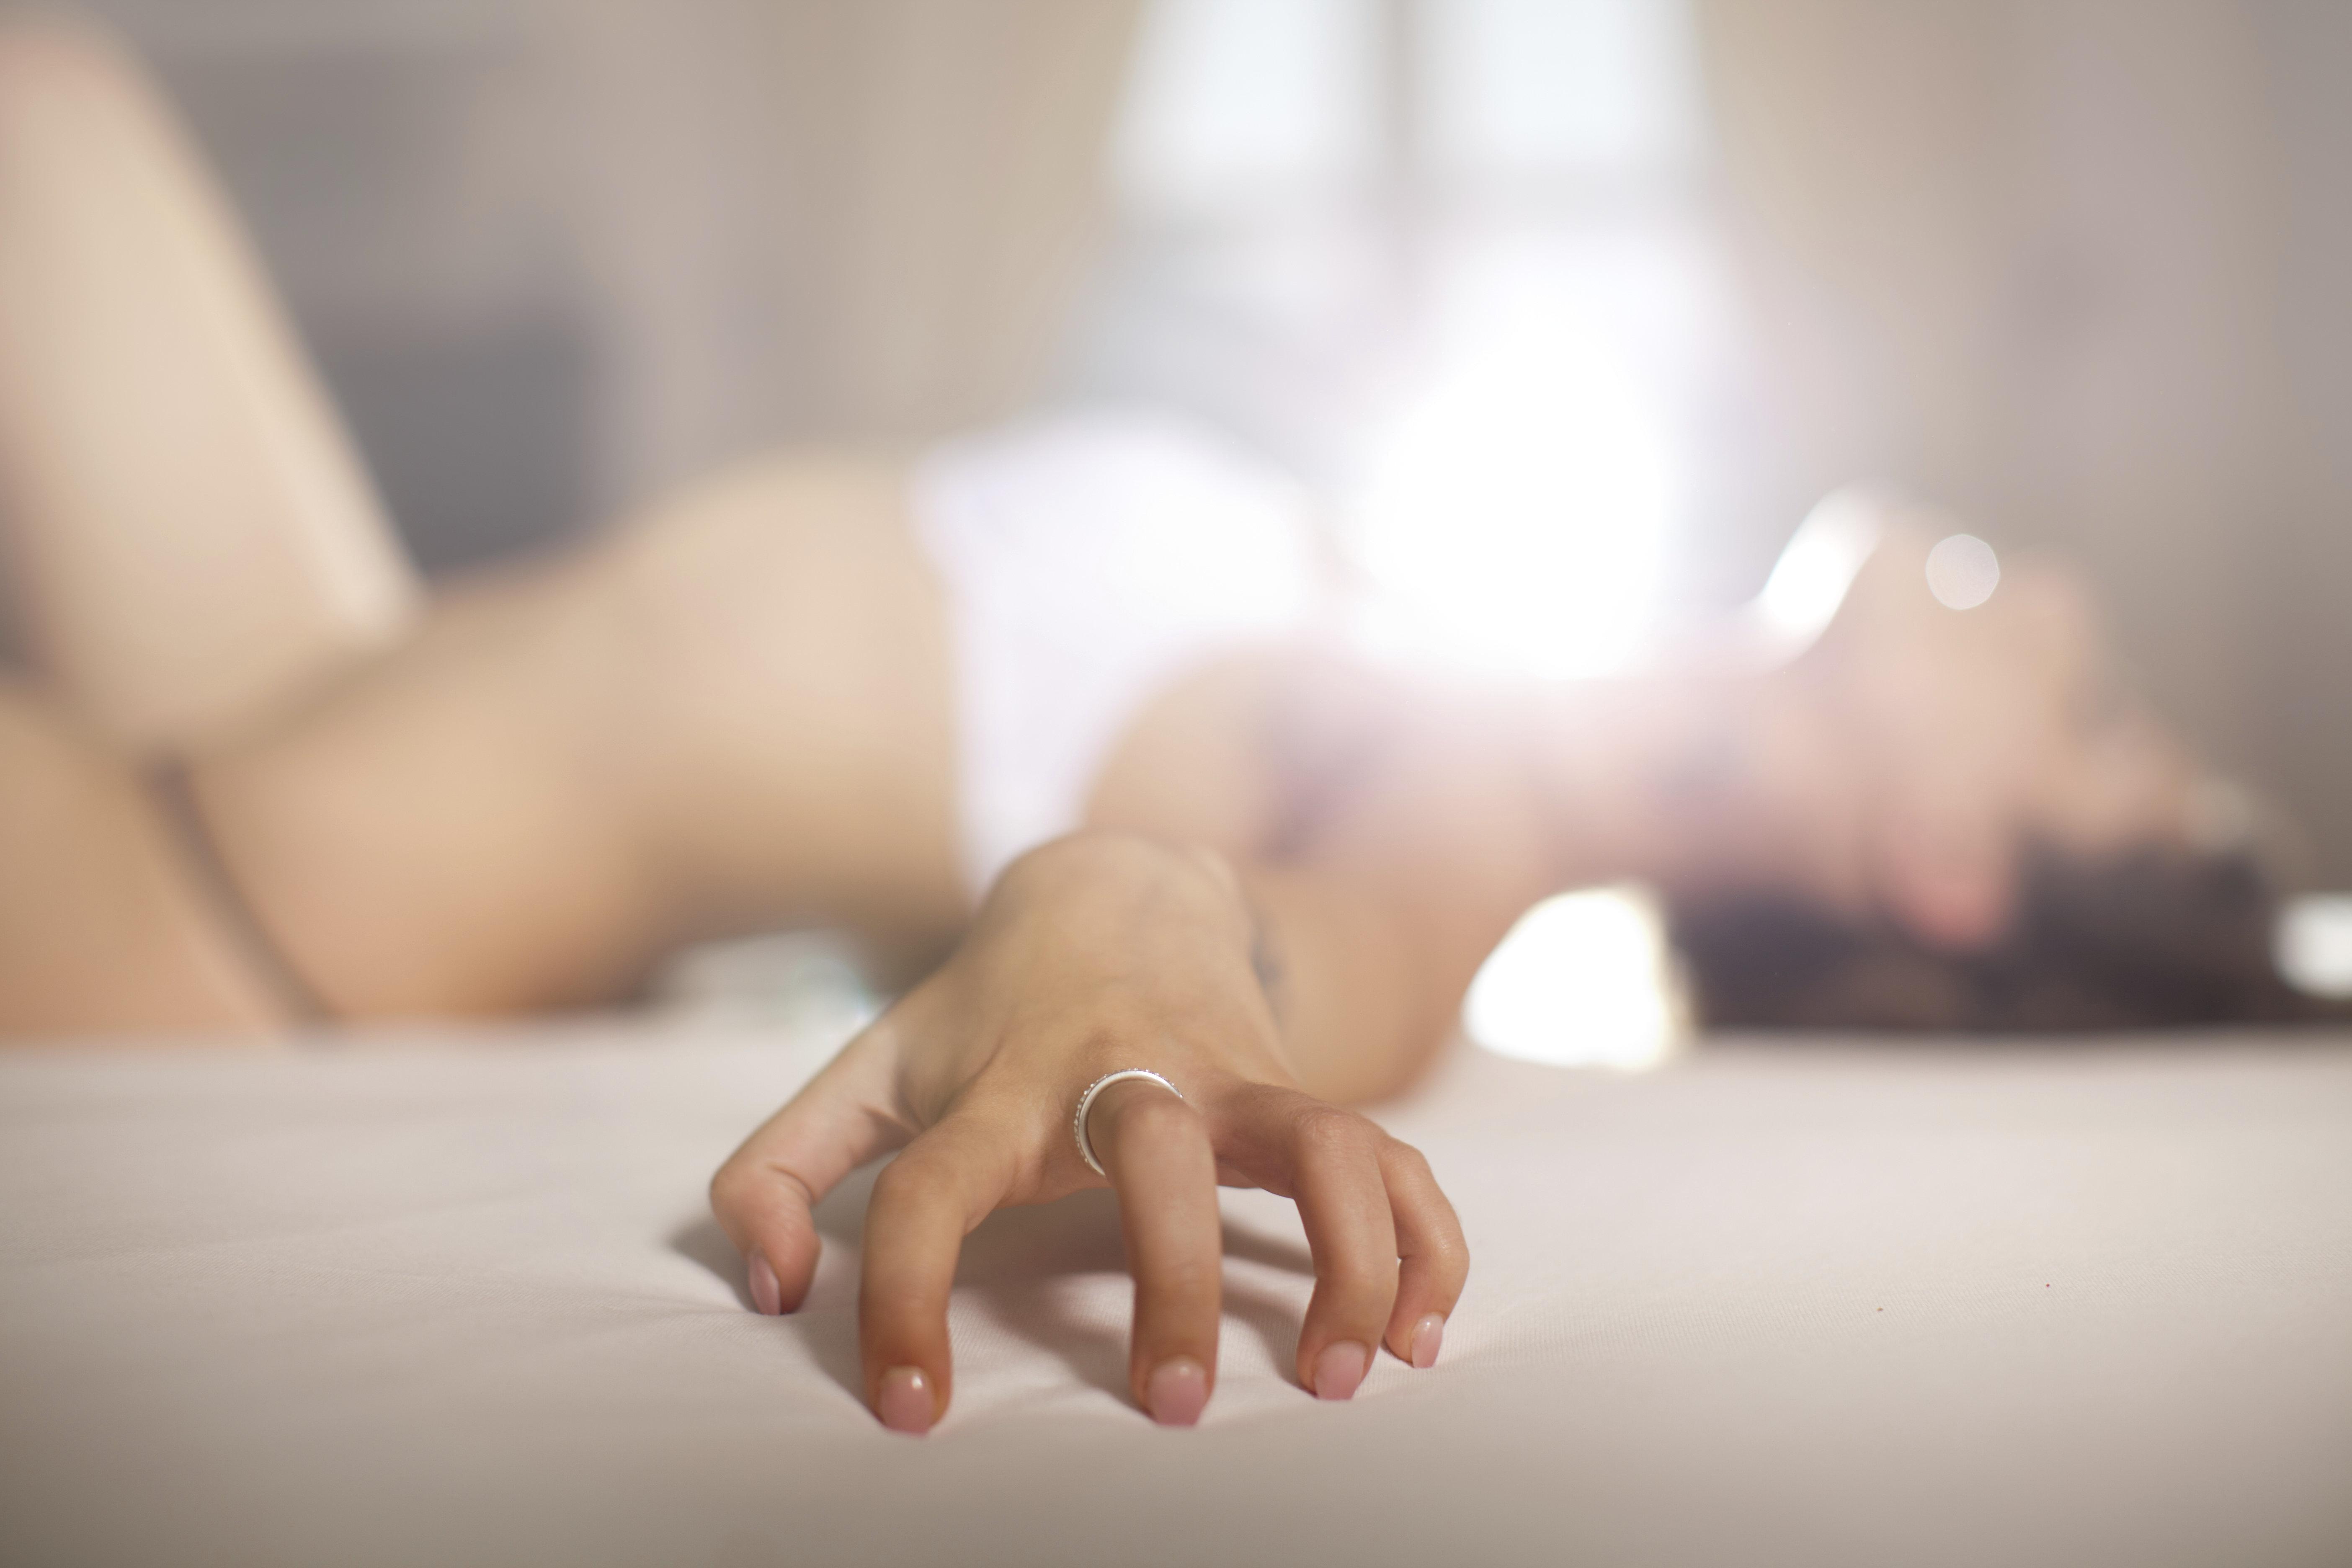 Orgasmus-Sucht bei Frauen: Sex-Therapeutin erklärt, was hinter dem Phänomen steckt